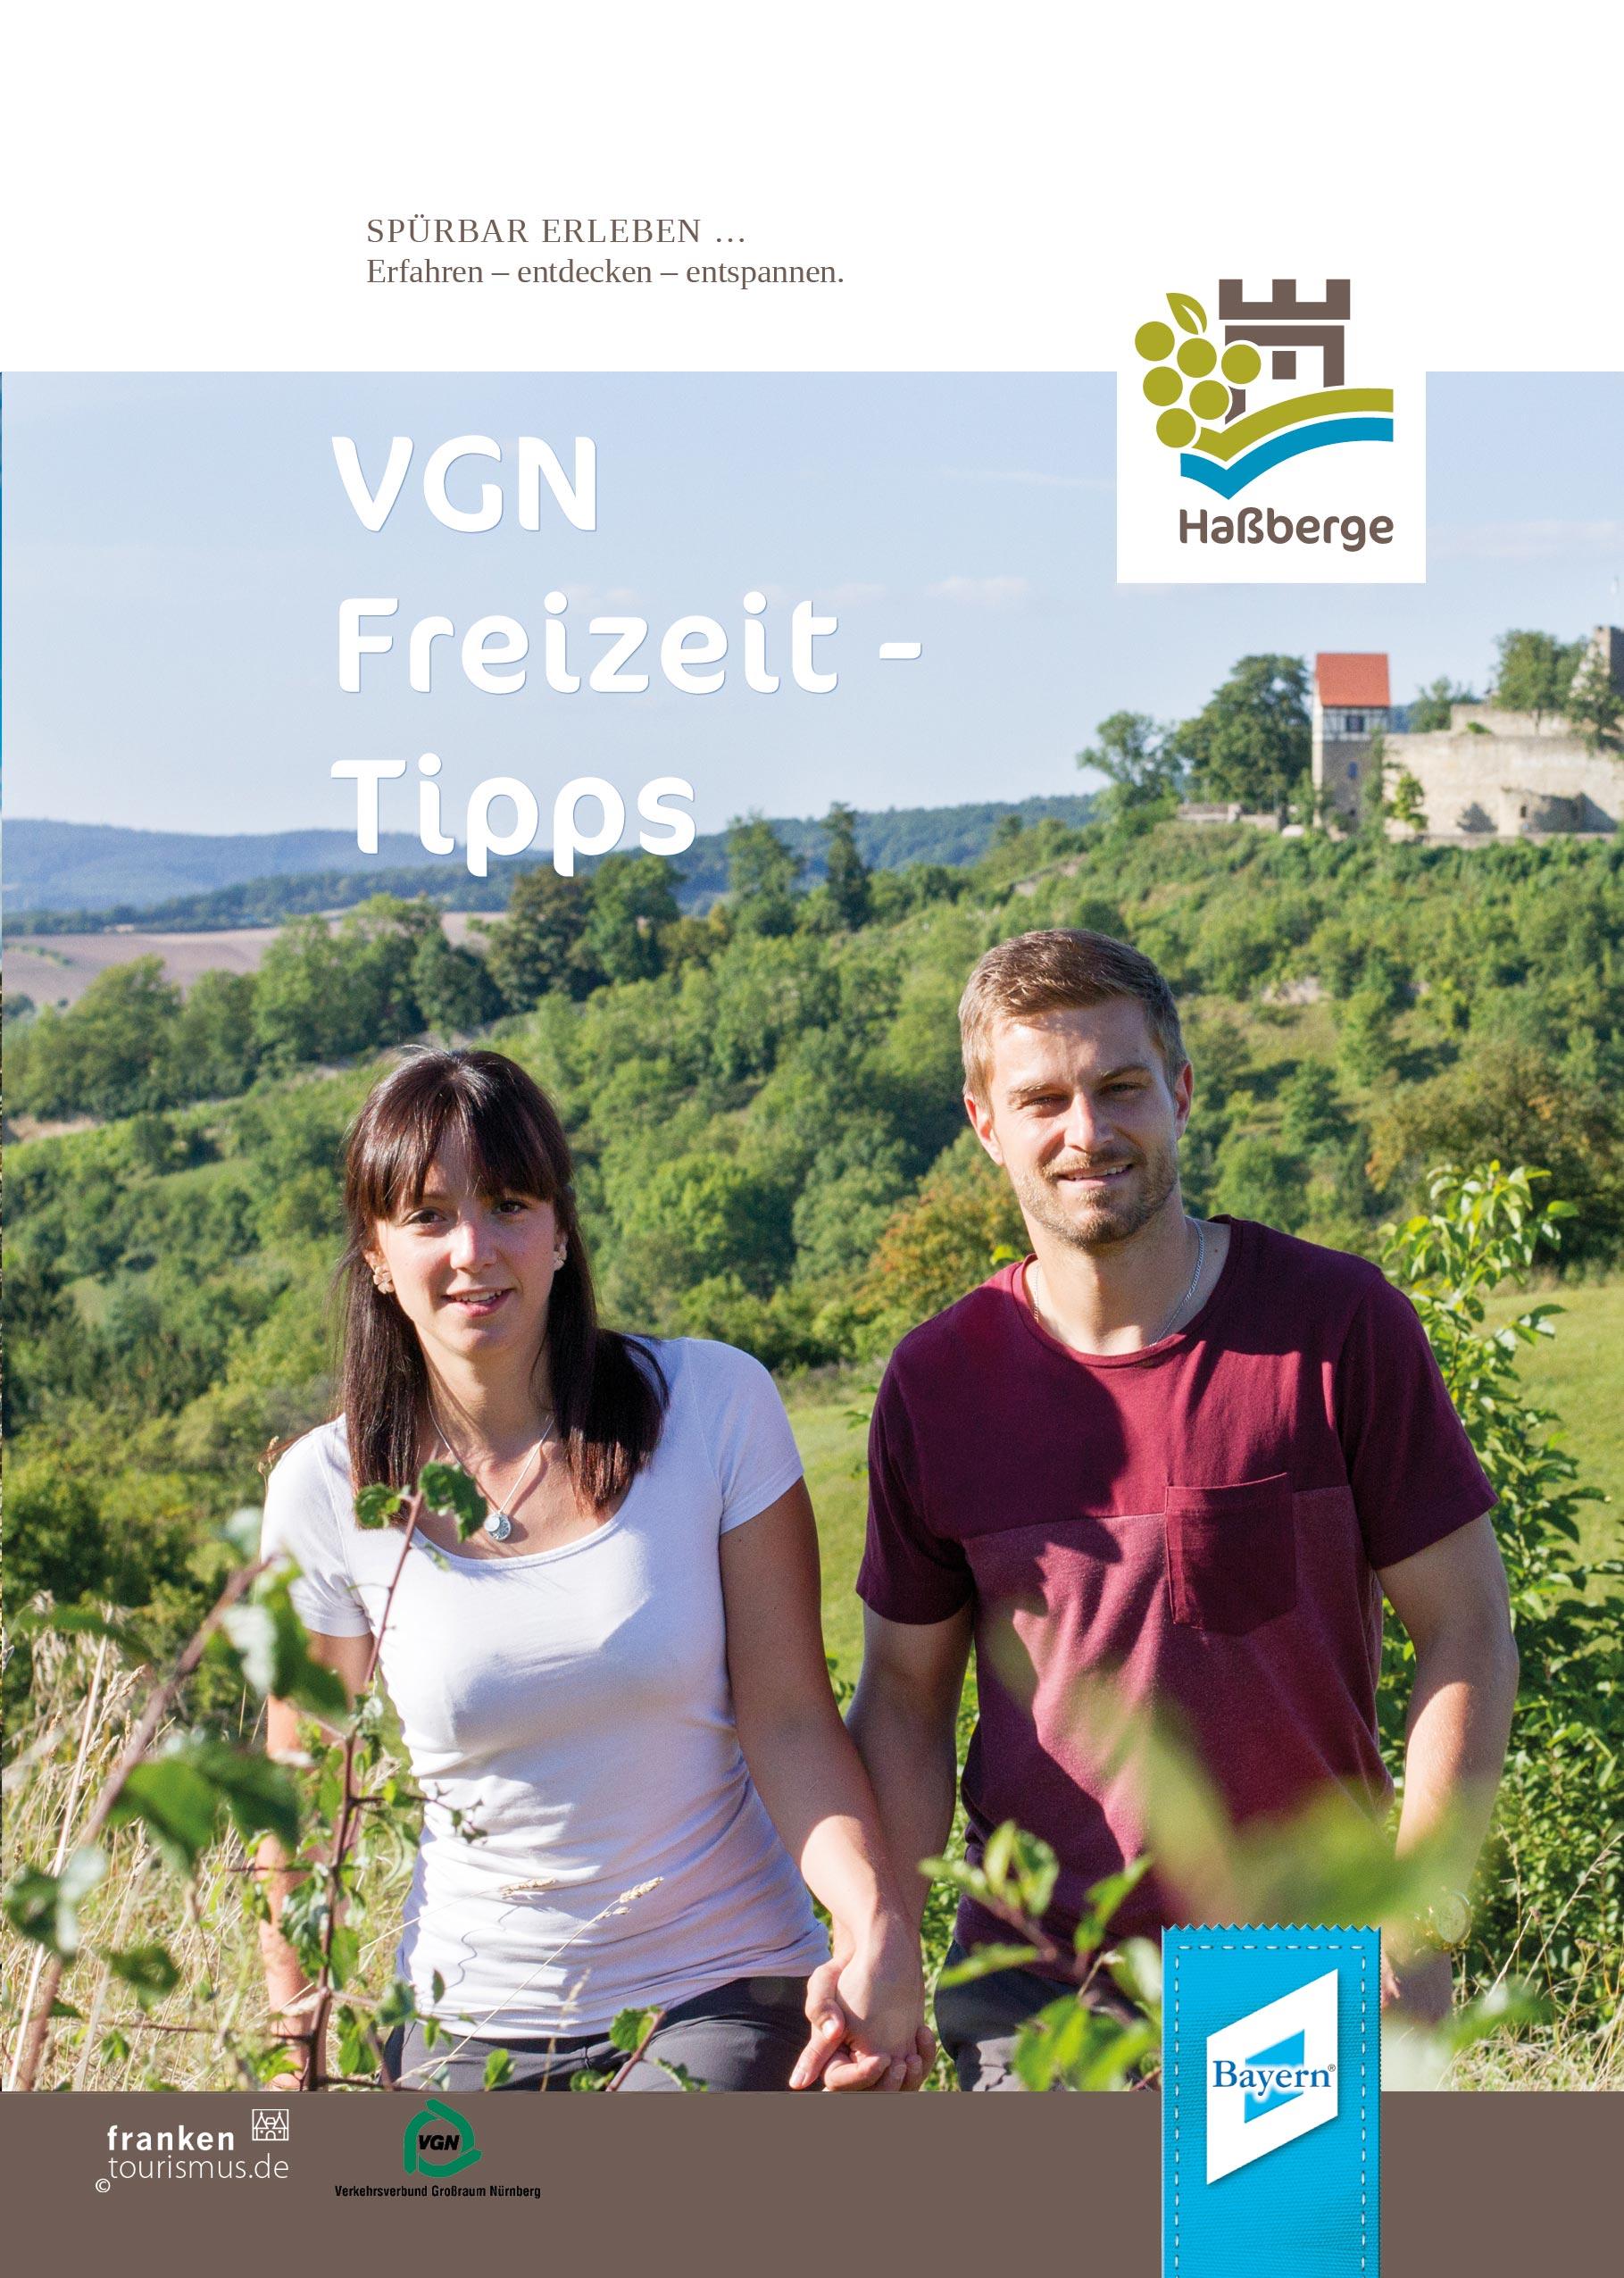 VGN-Freizeit-Tipps